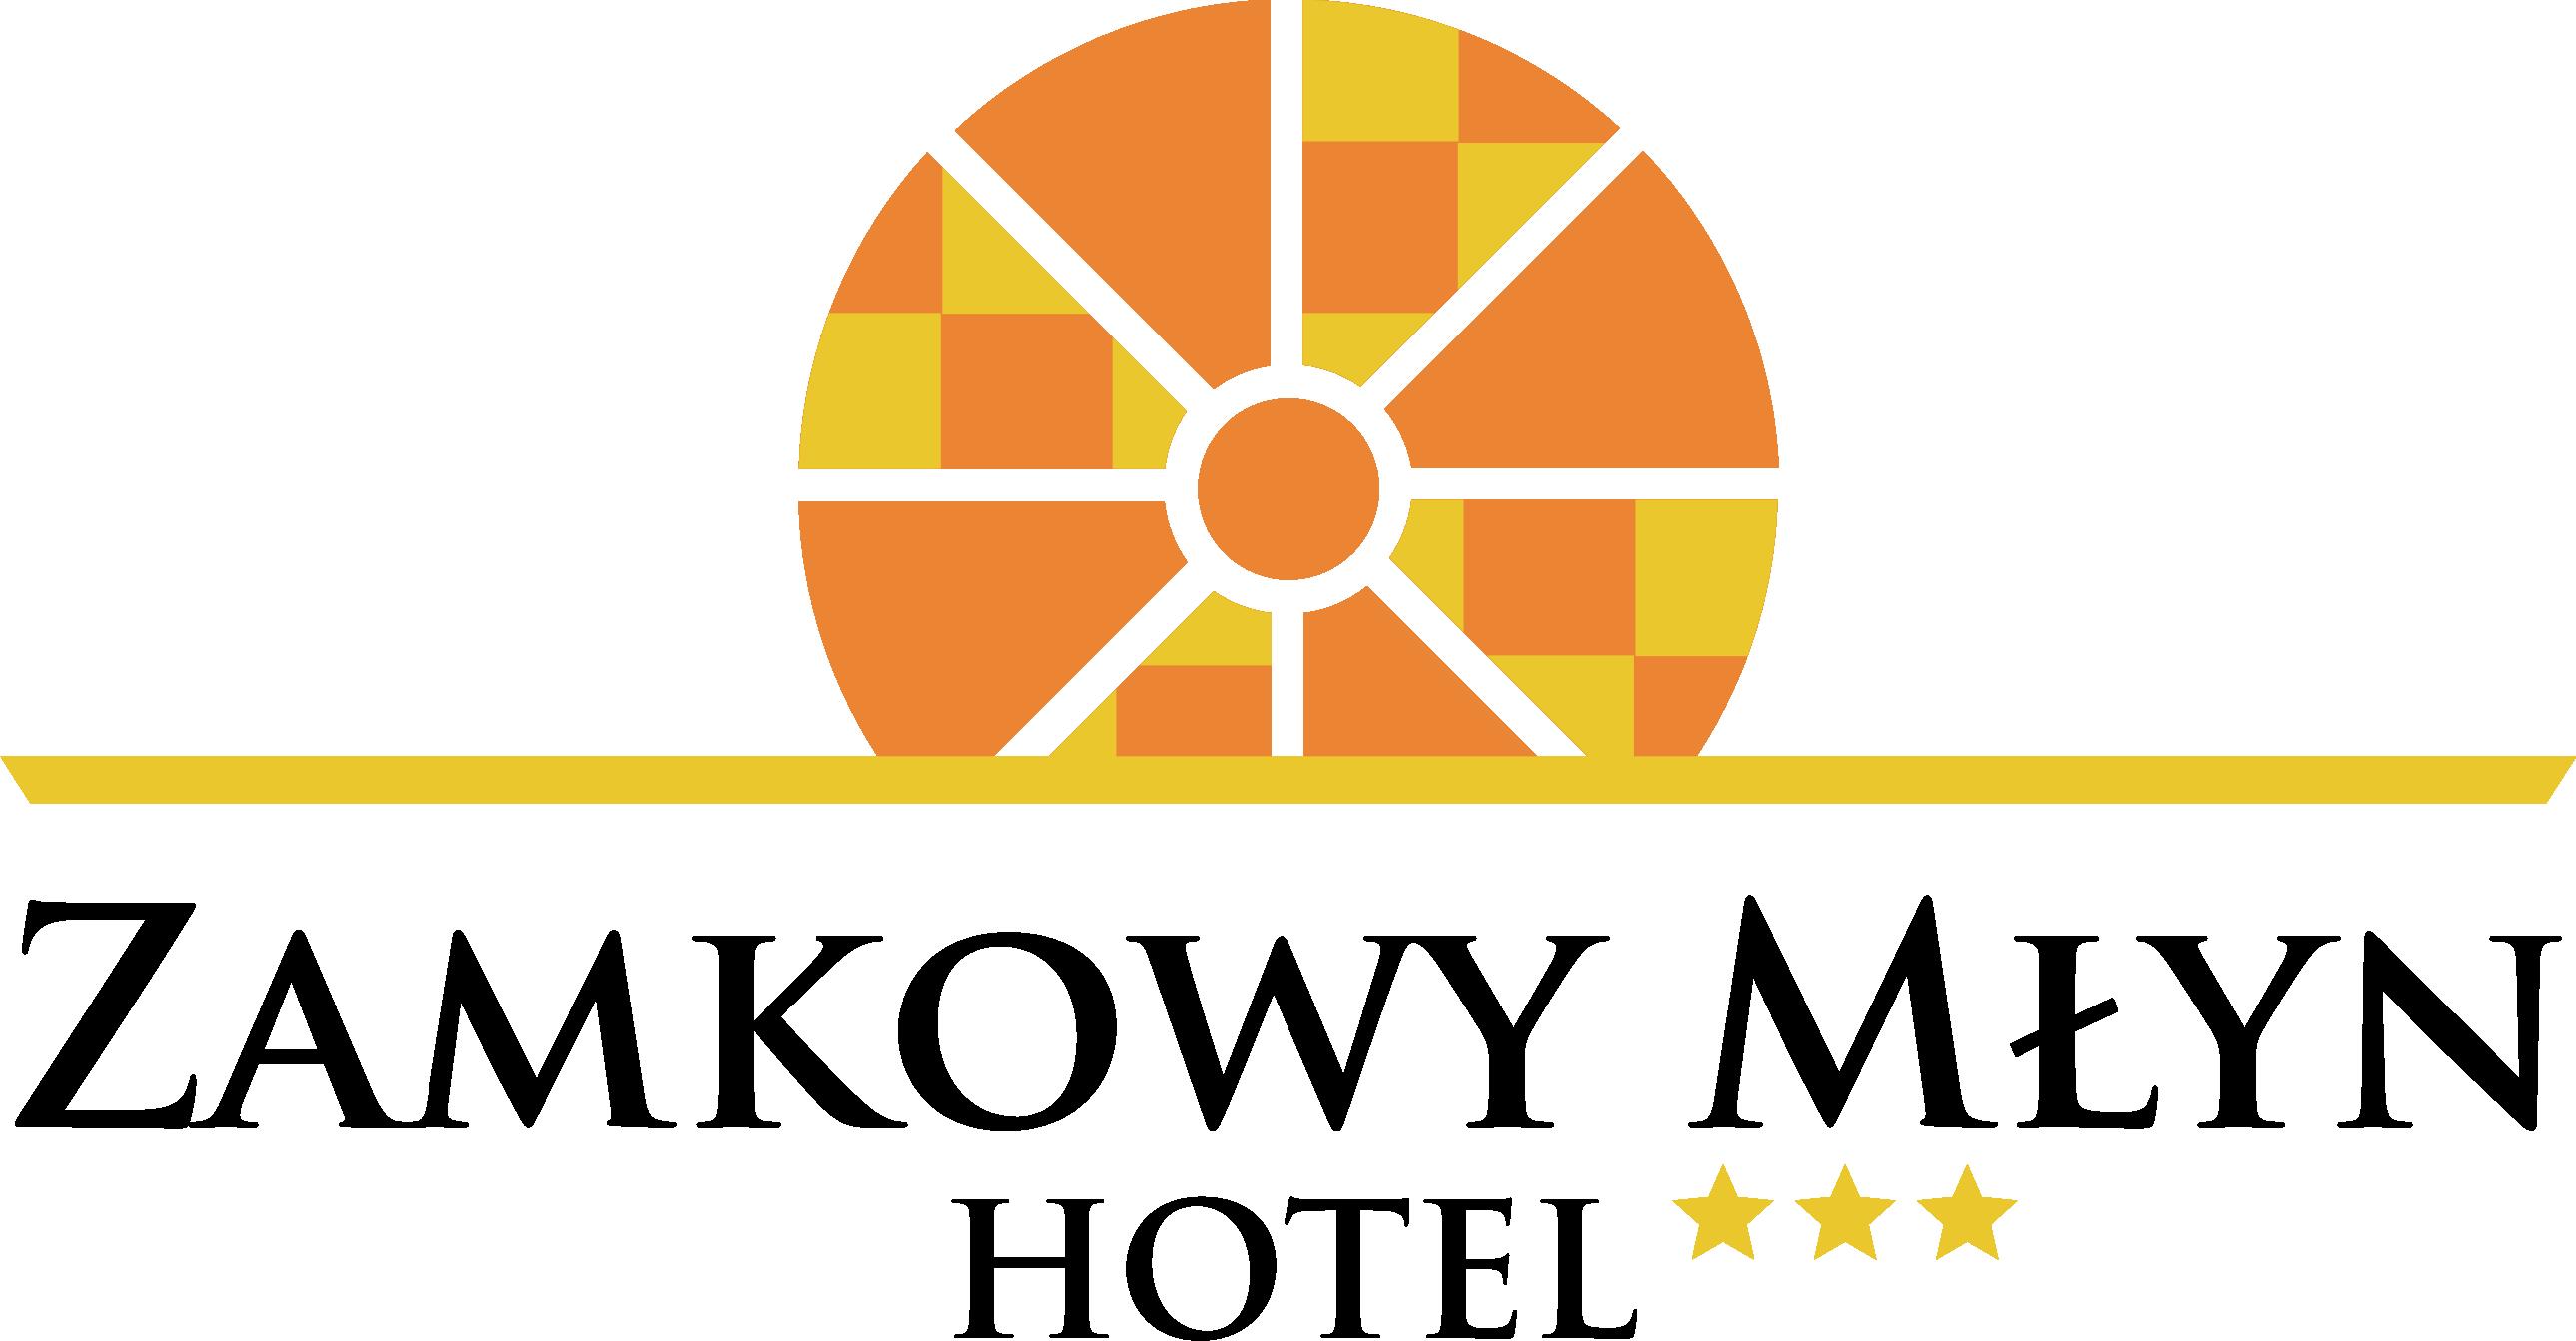 Zamkowy Młyn